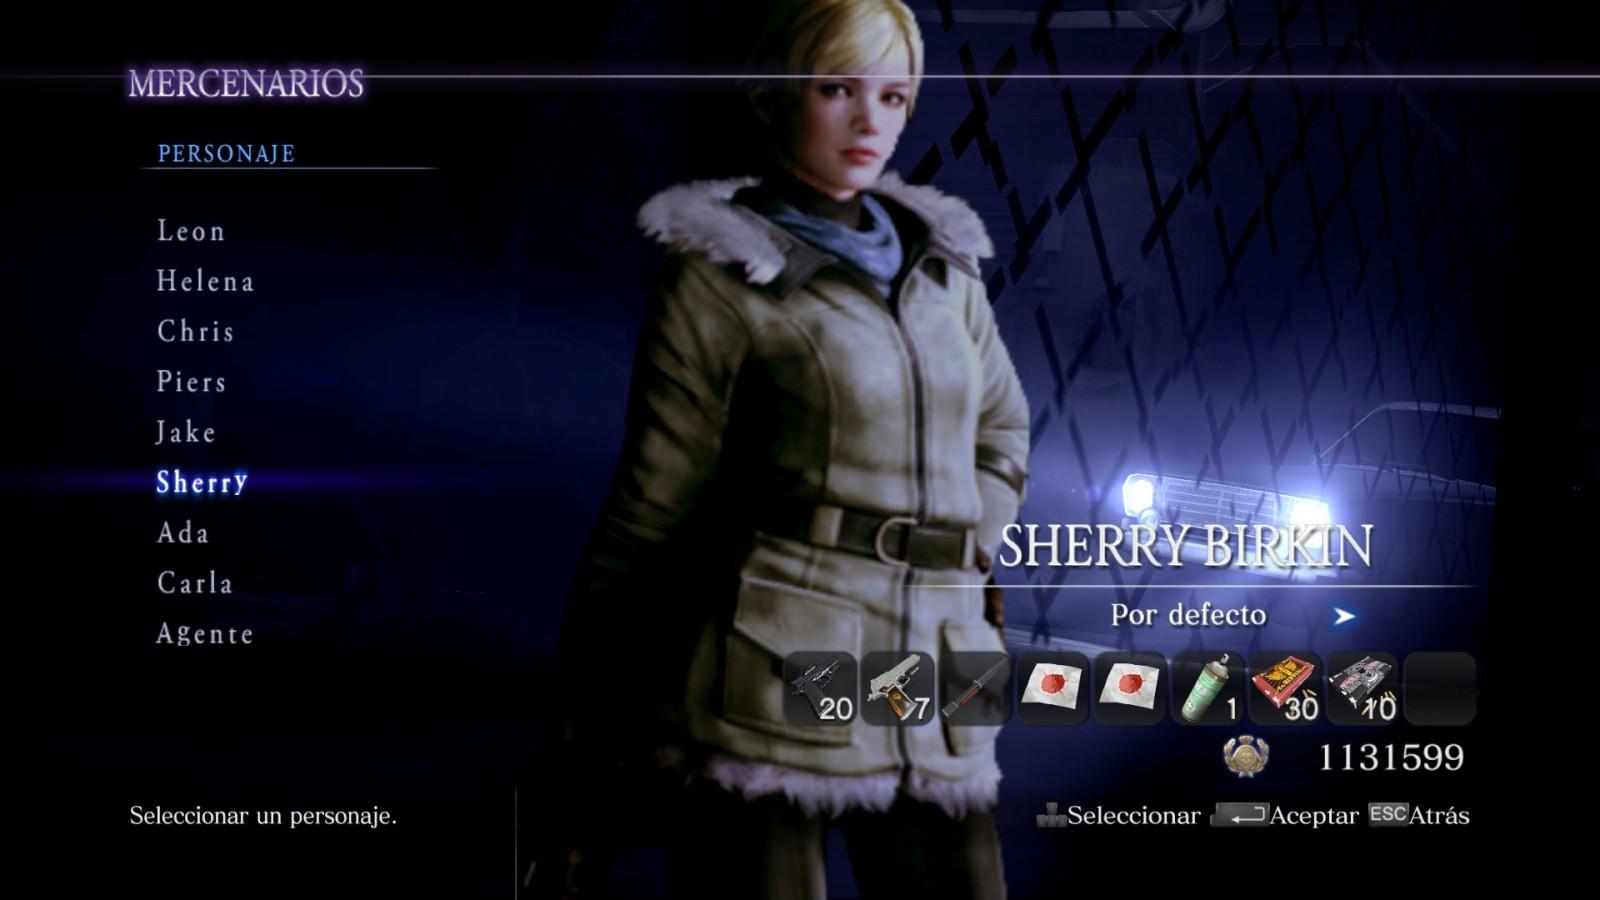 Nuevas imágenes para los personajes (mercenarios) 2iji8tu